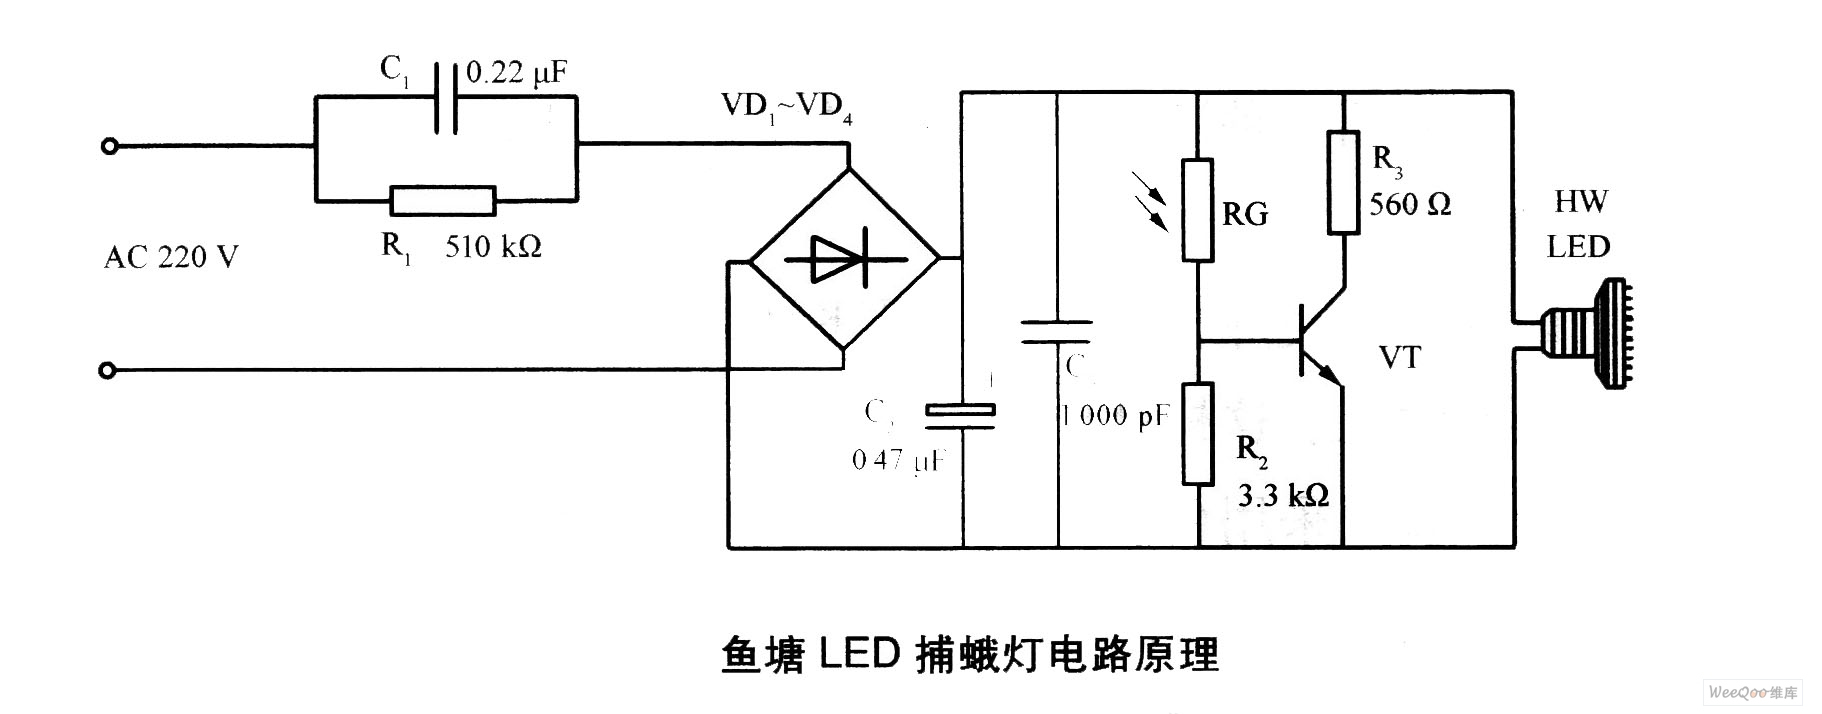 鱼塘LED捕蛾灯电路原理图